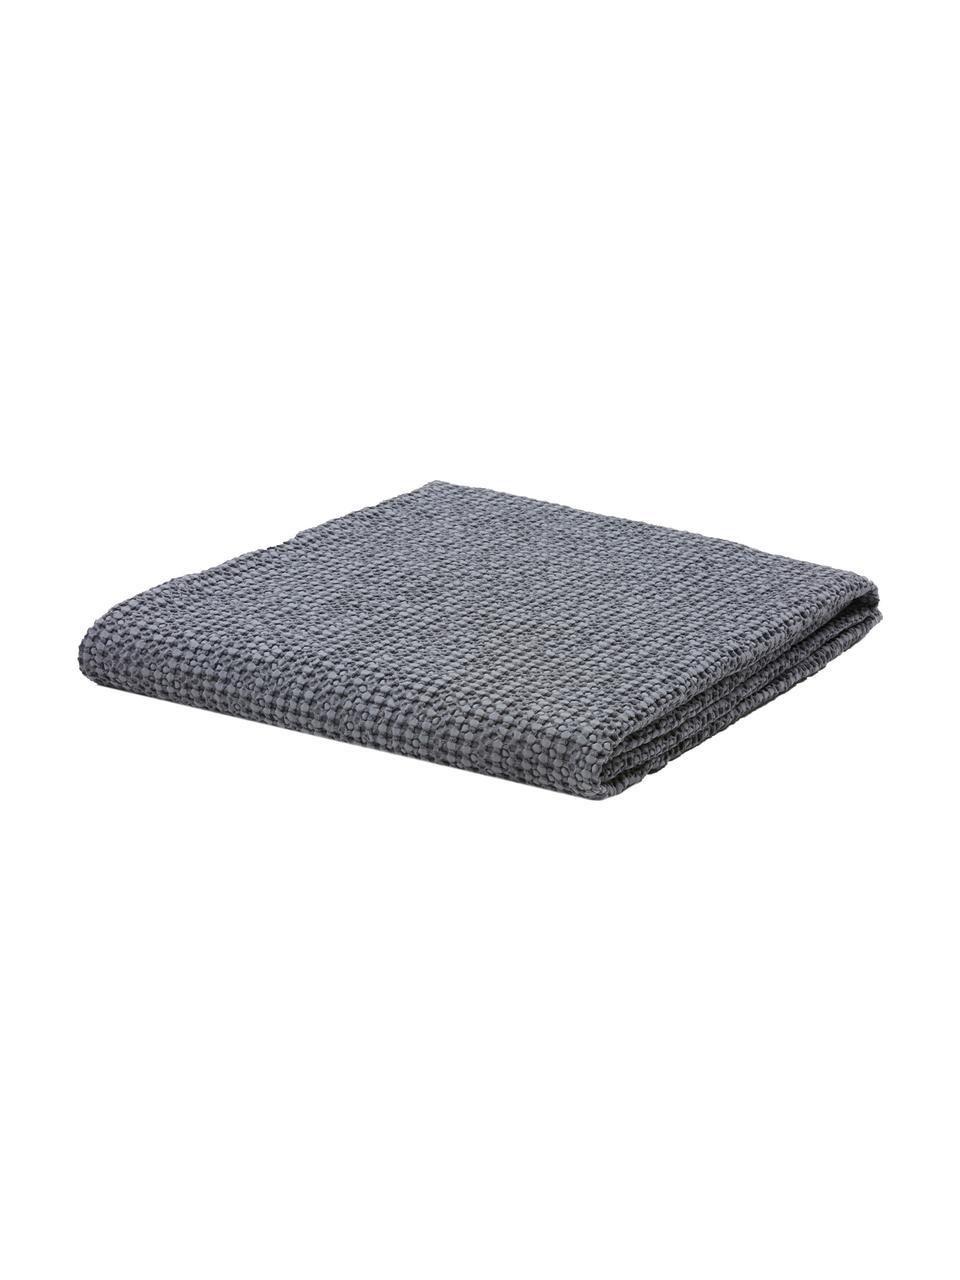 Narzuta ze strukturalną powierzchnią Vigo, 100% bawełna, Ciemny niebieski, 220 x 240 cm (do łóżek od 160 x 200)